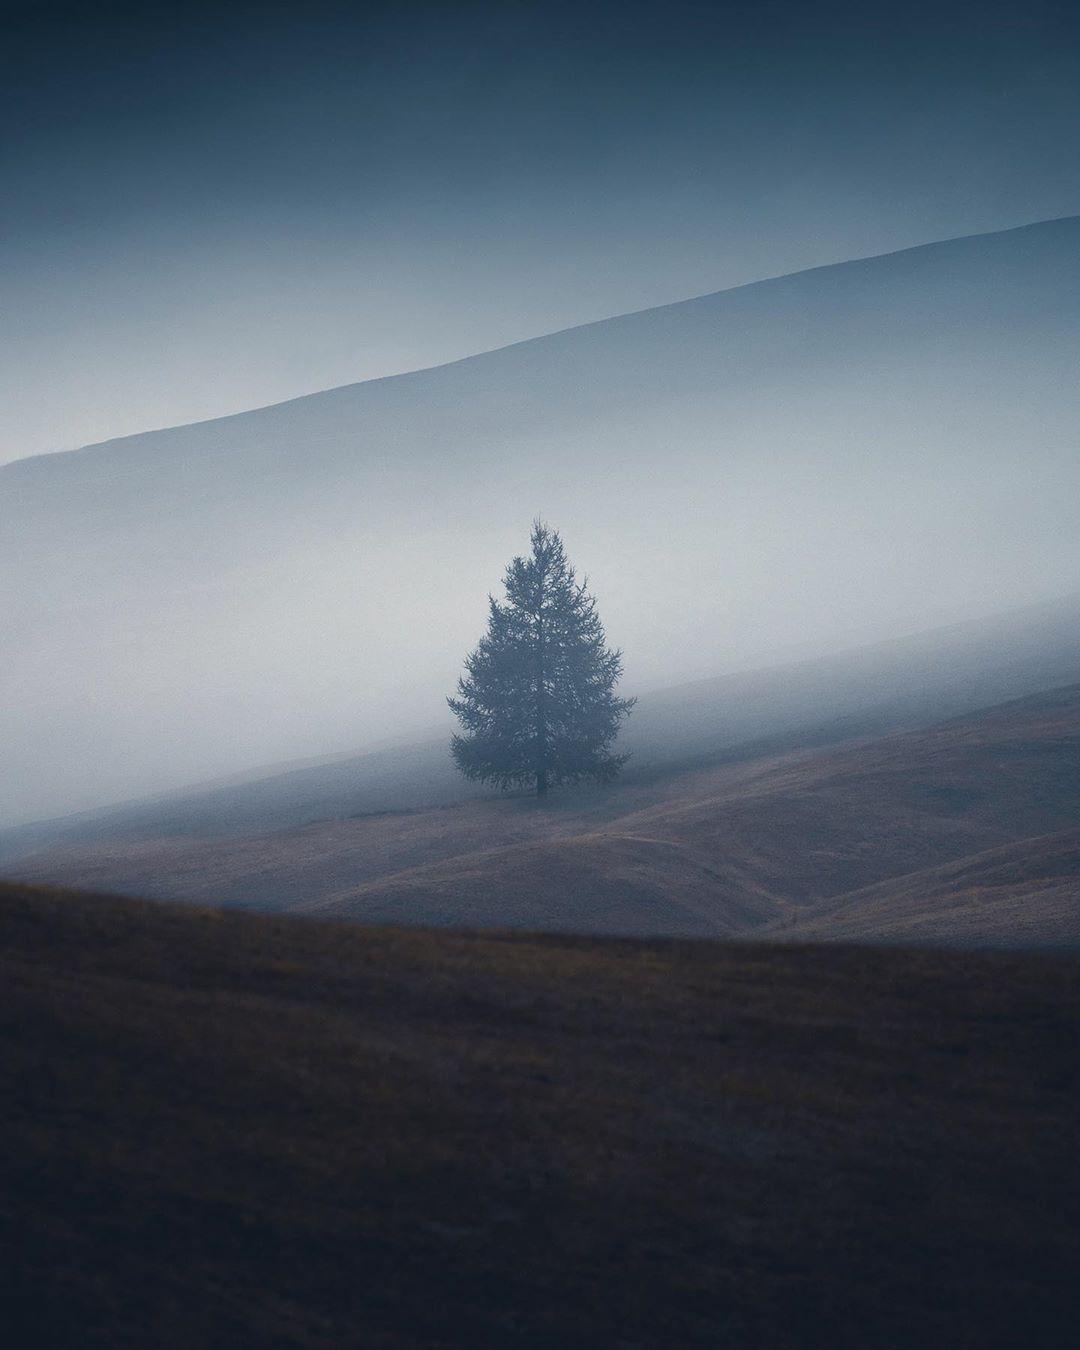 Природа и путешествия на снимках Тобиаса Хэгга